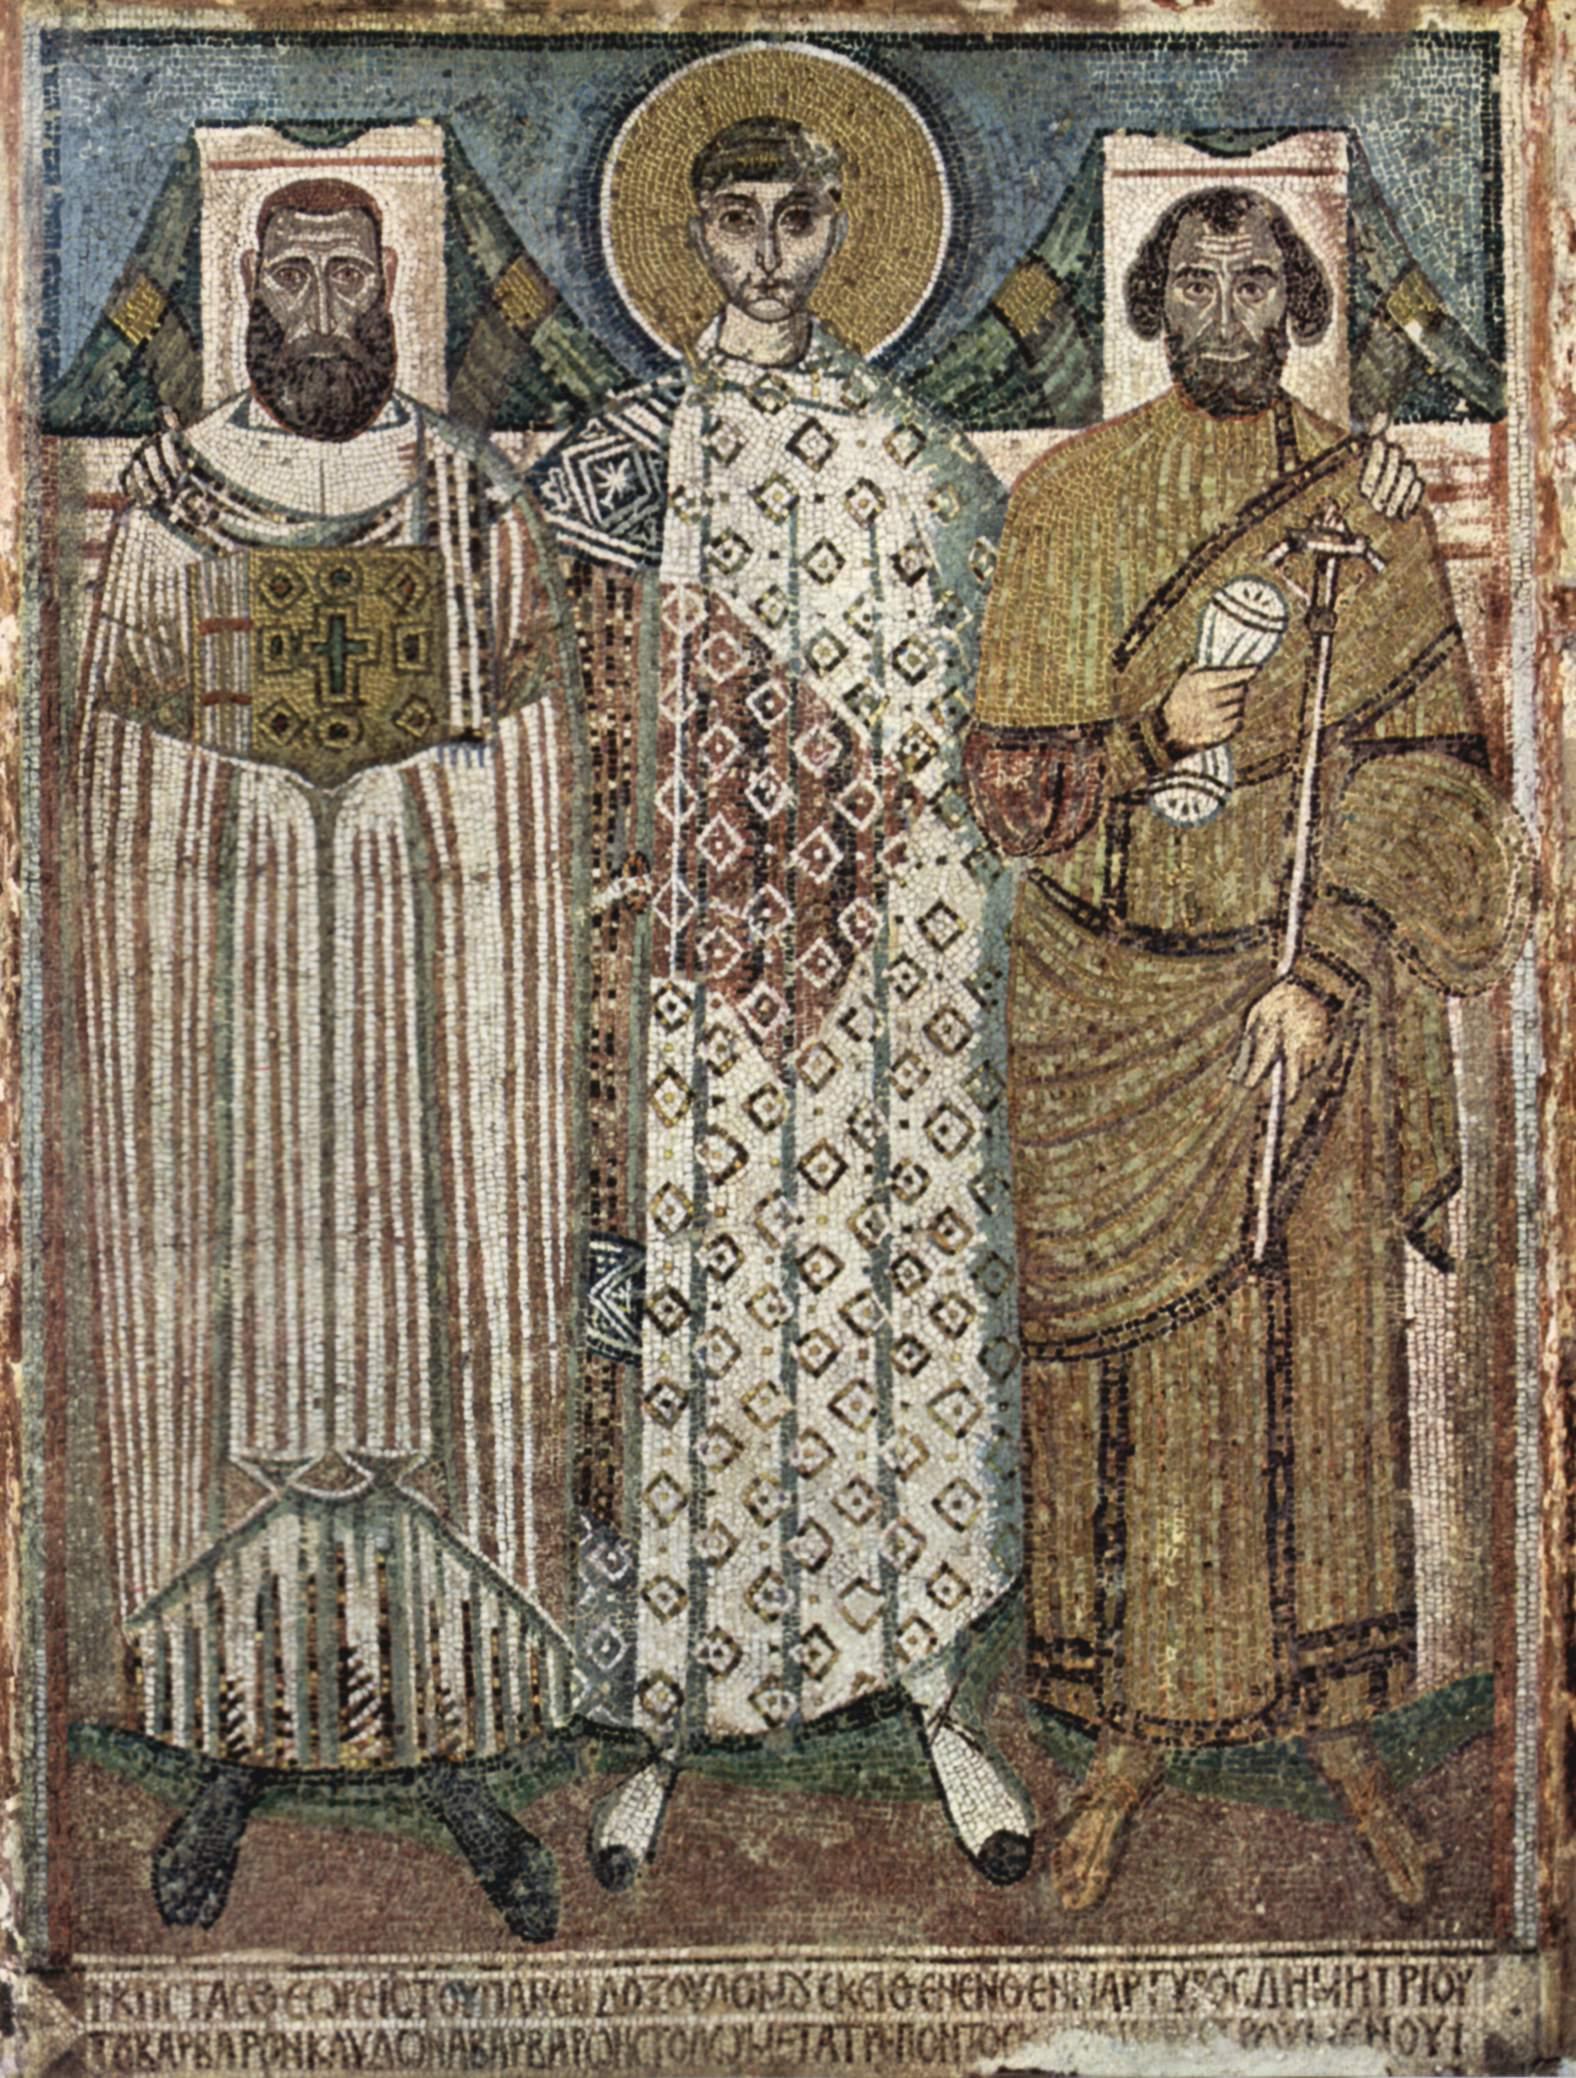 Mozaika przedstawiająca Dymitra z Salonik. Przykład bizantyjskiej sztuki z przełomu VII i VIII wieku (źródło: domena publiczna).